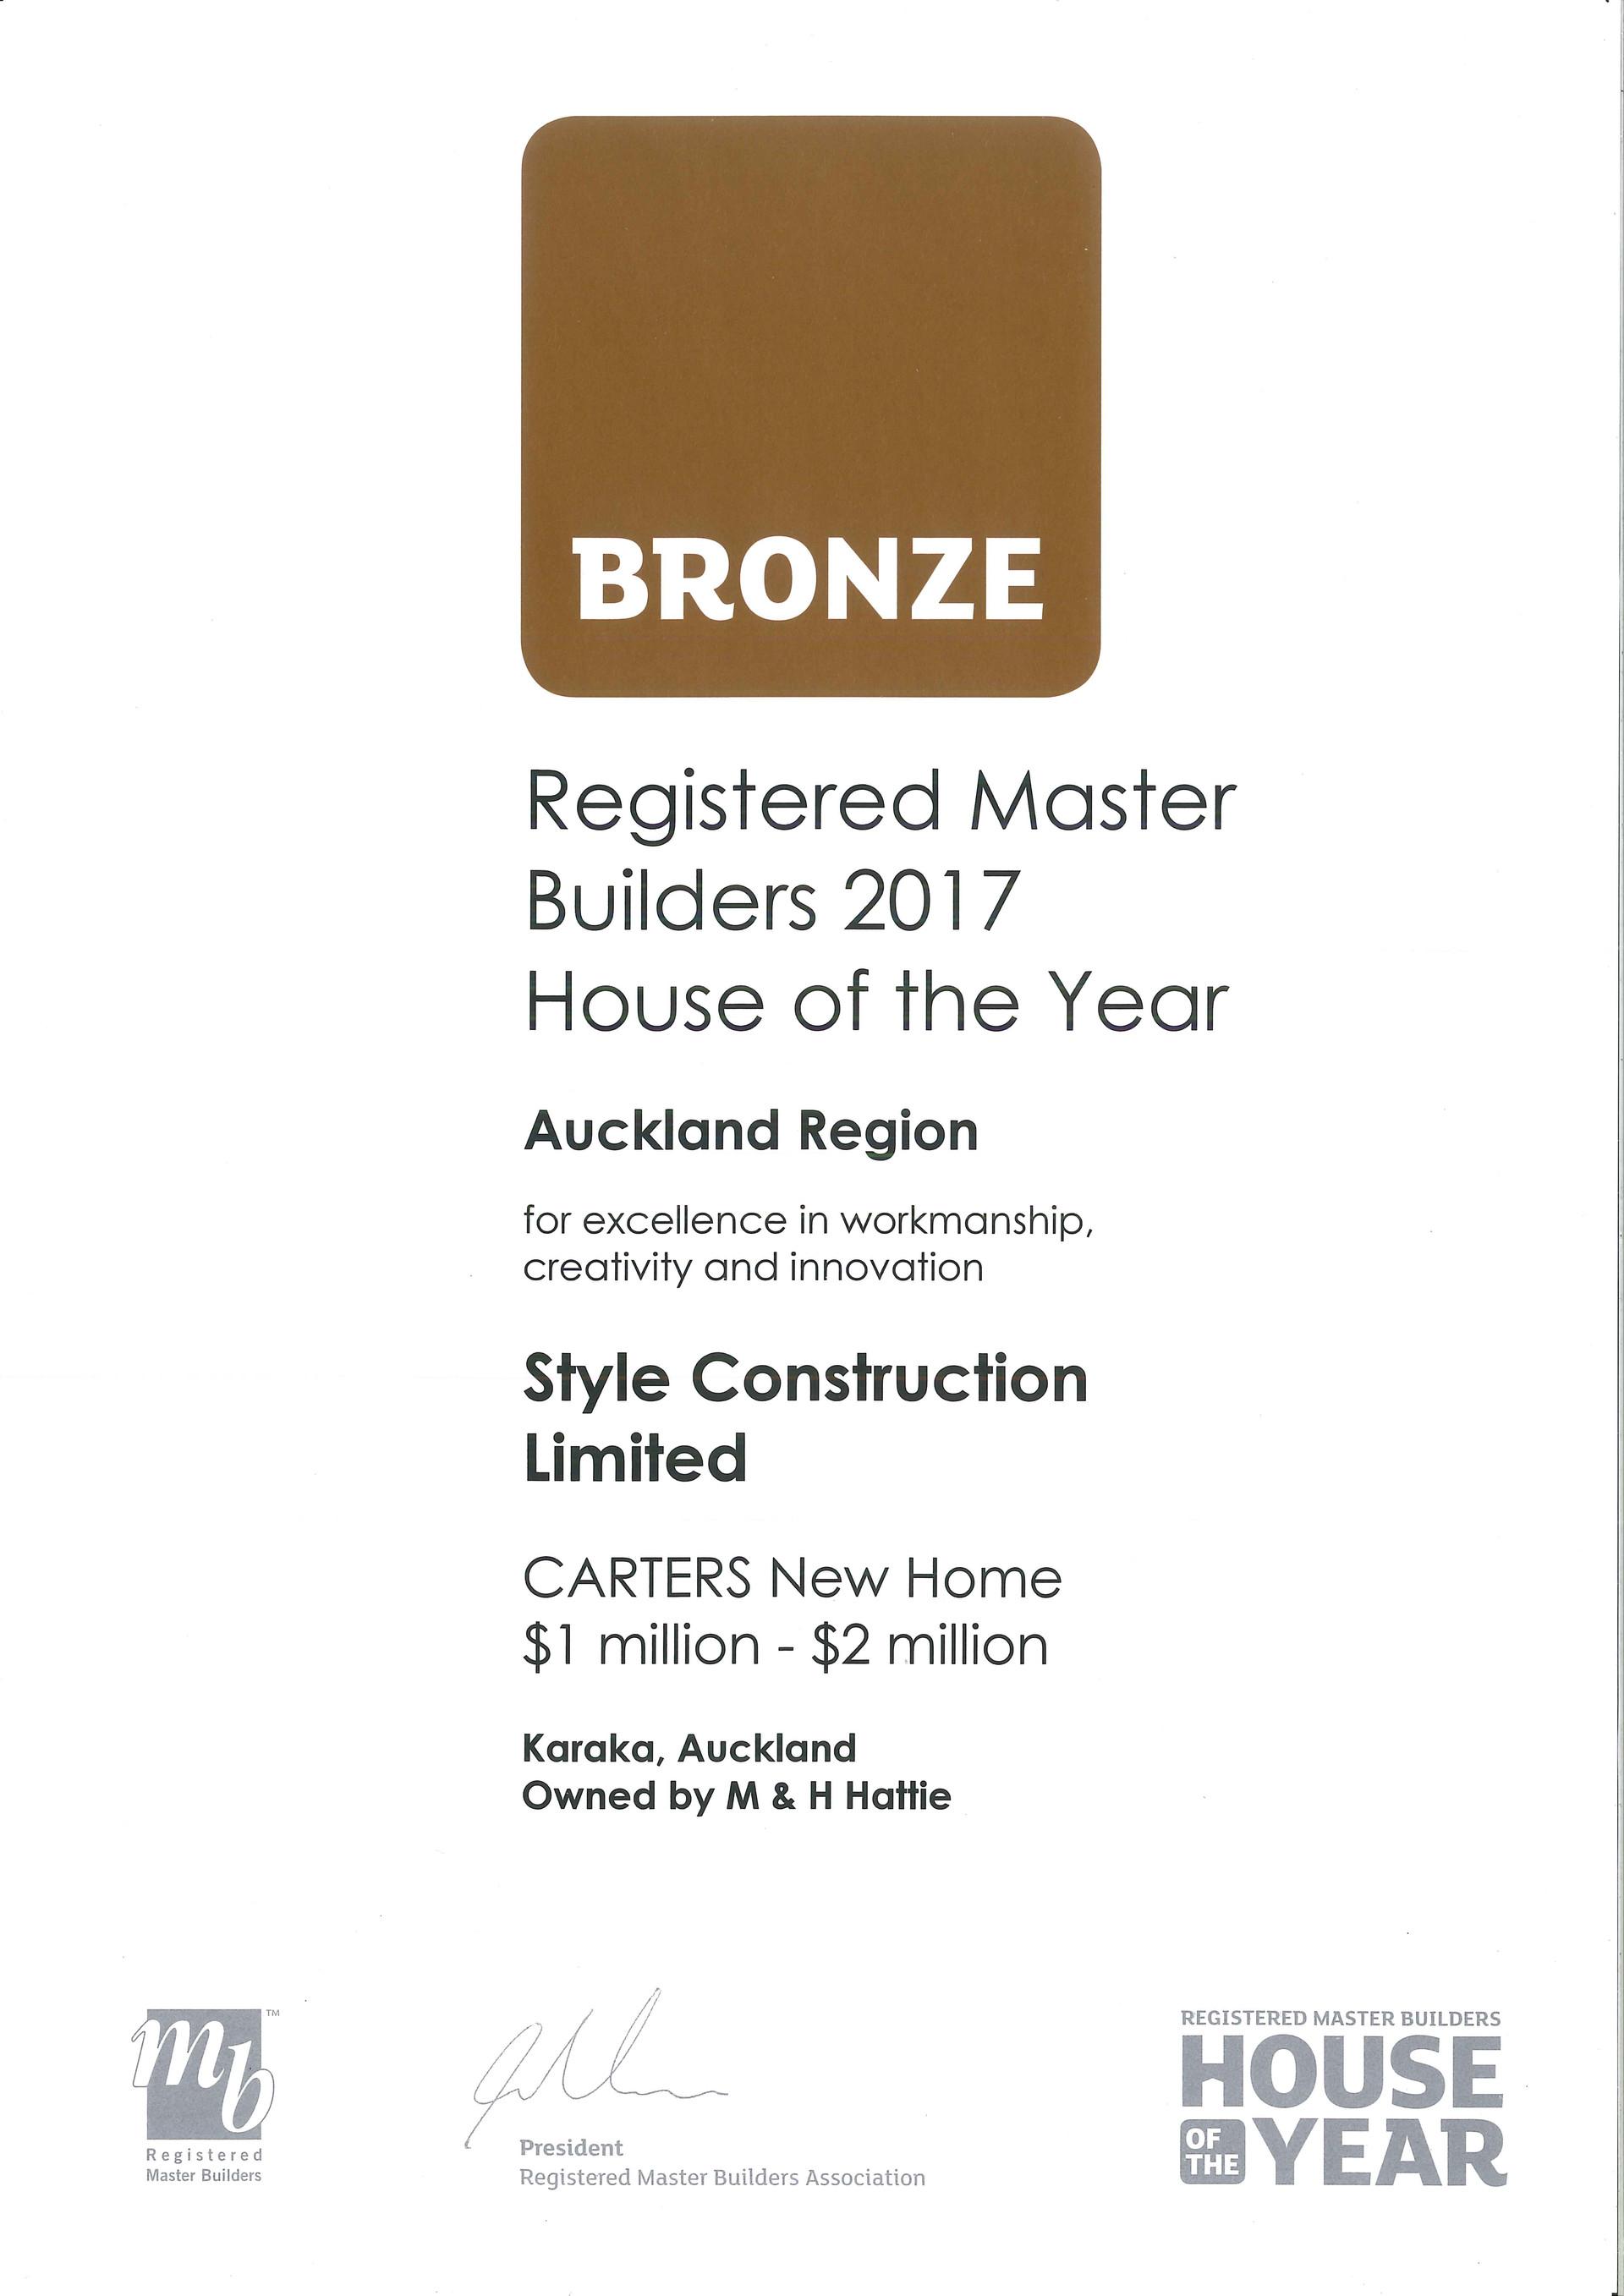 Master Builder Brozne Award.jpg